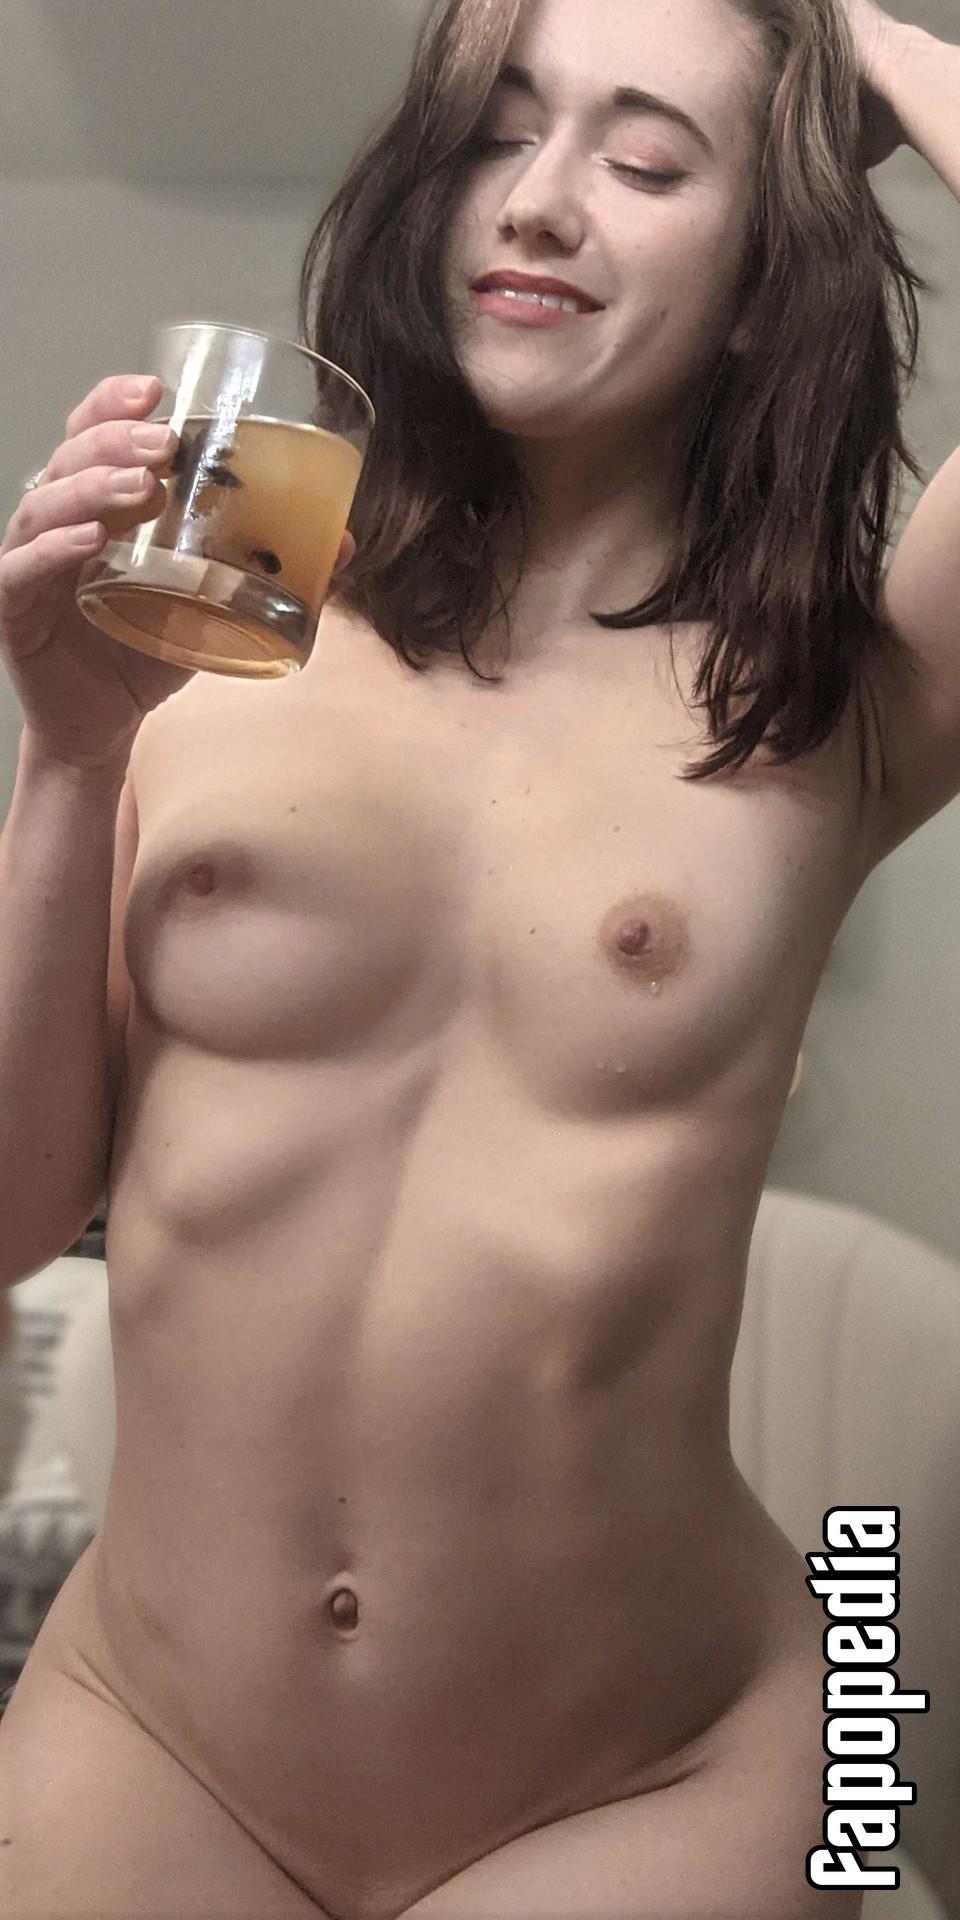 Loveisalazerquest Nude Leaks